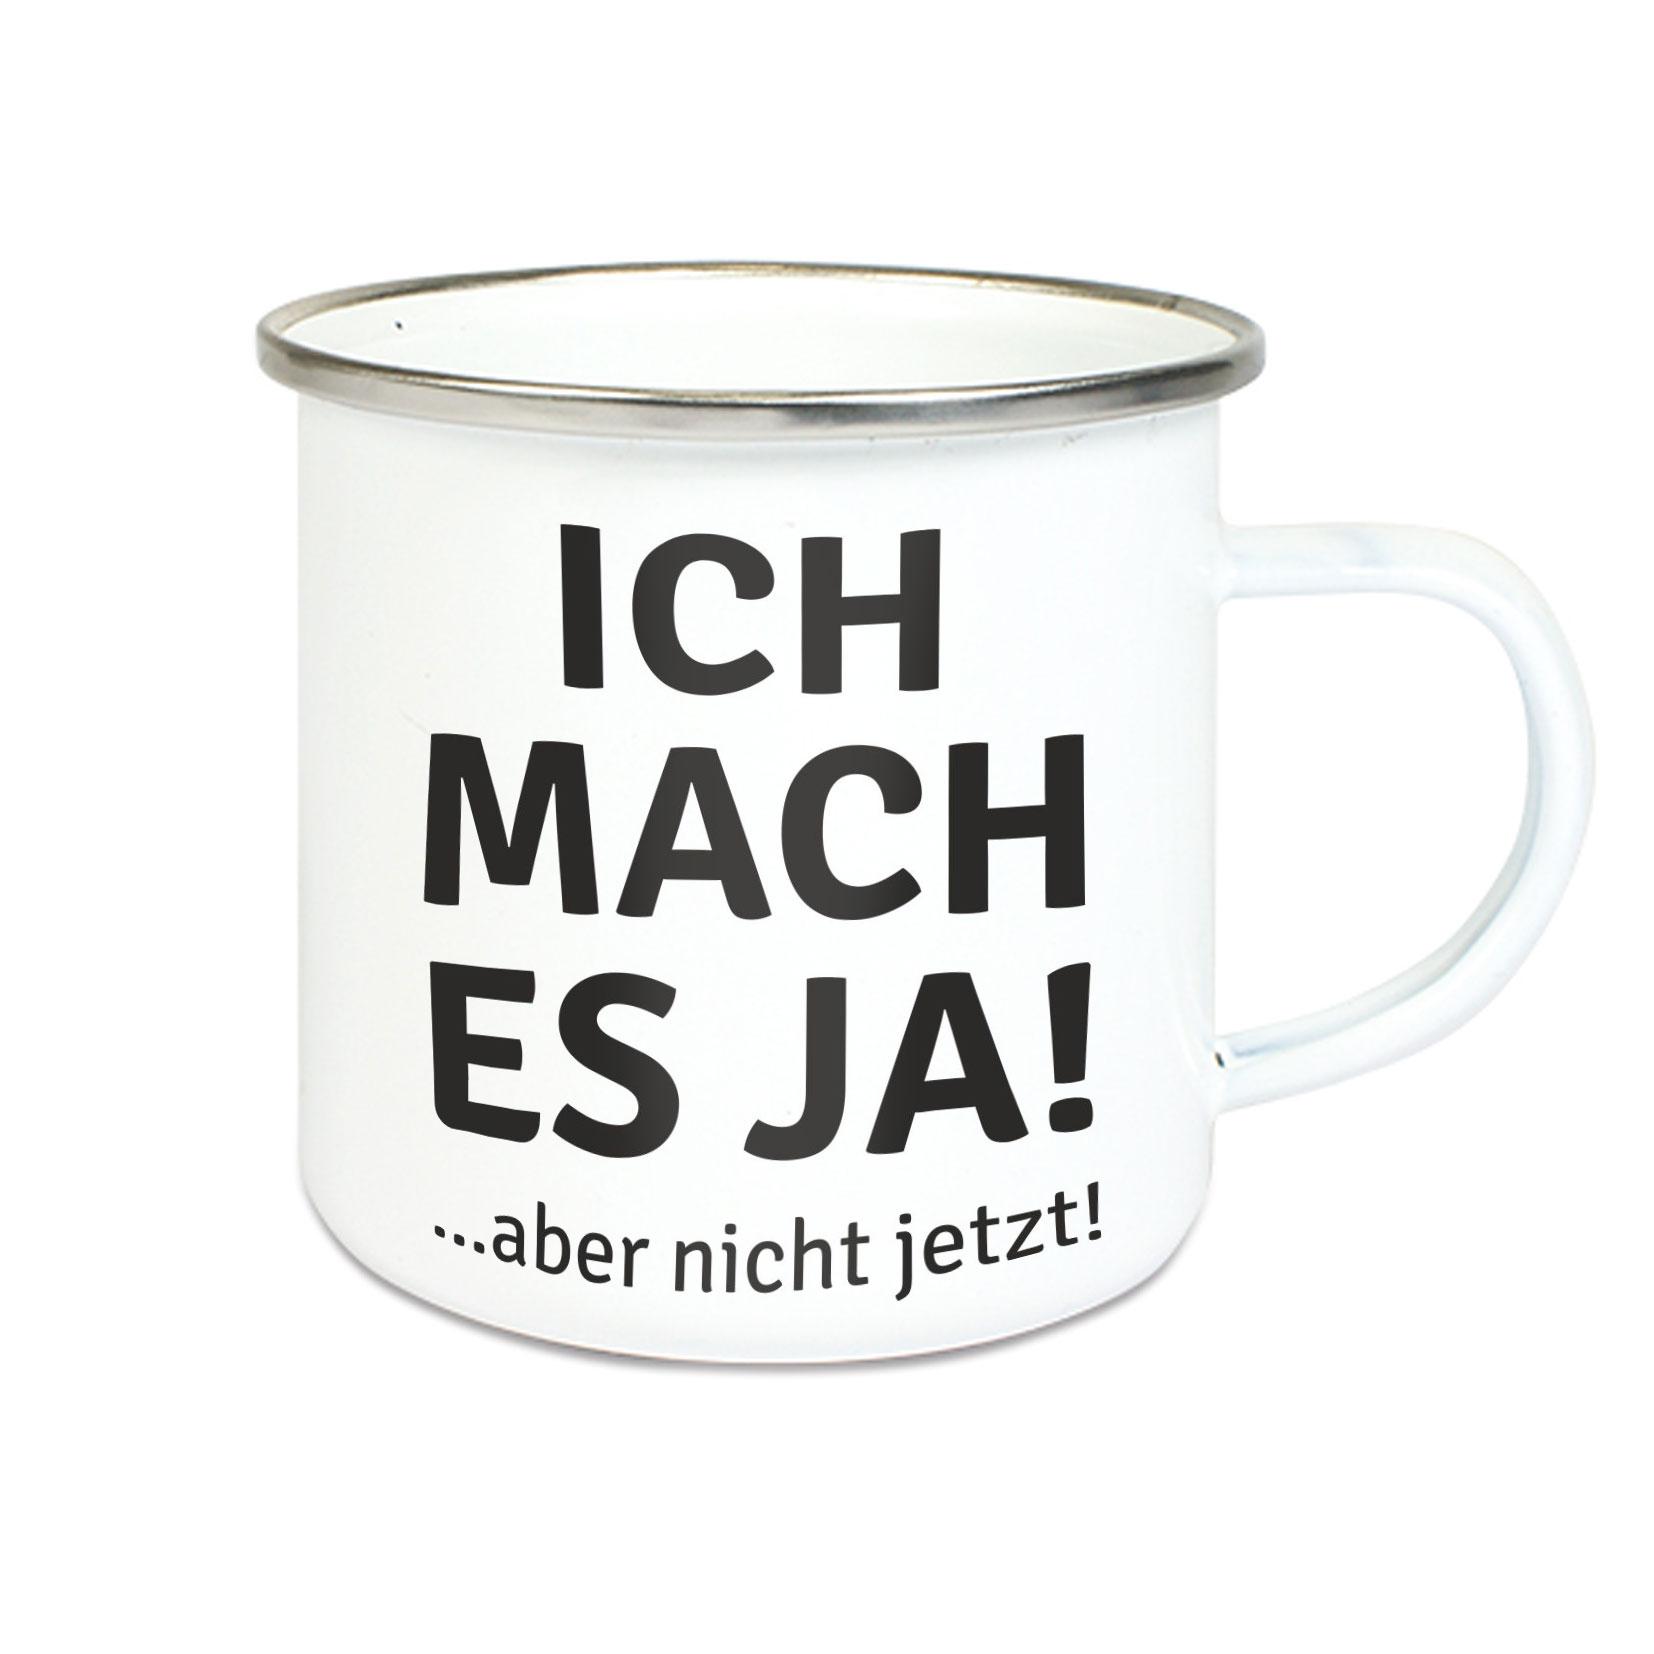 Emalie Tasse: ICH MACH ES JA! ABER NICHT JETZT Kaffeebecher Kaffeetasse bedruckt